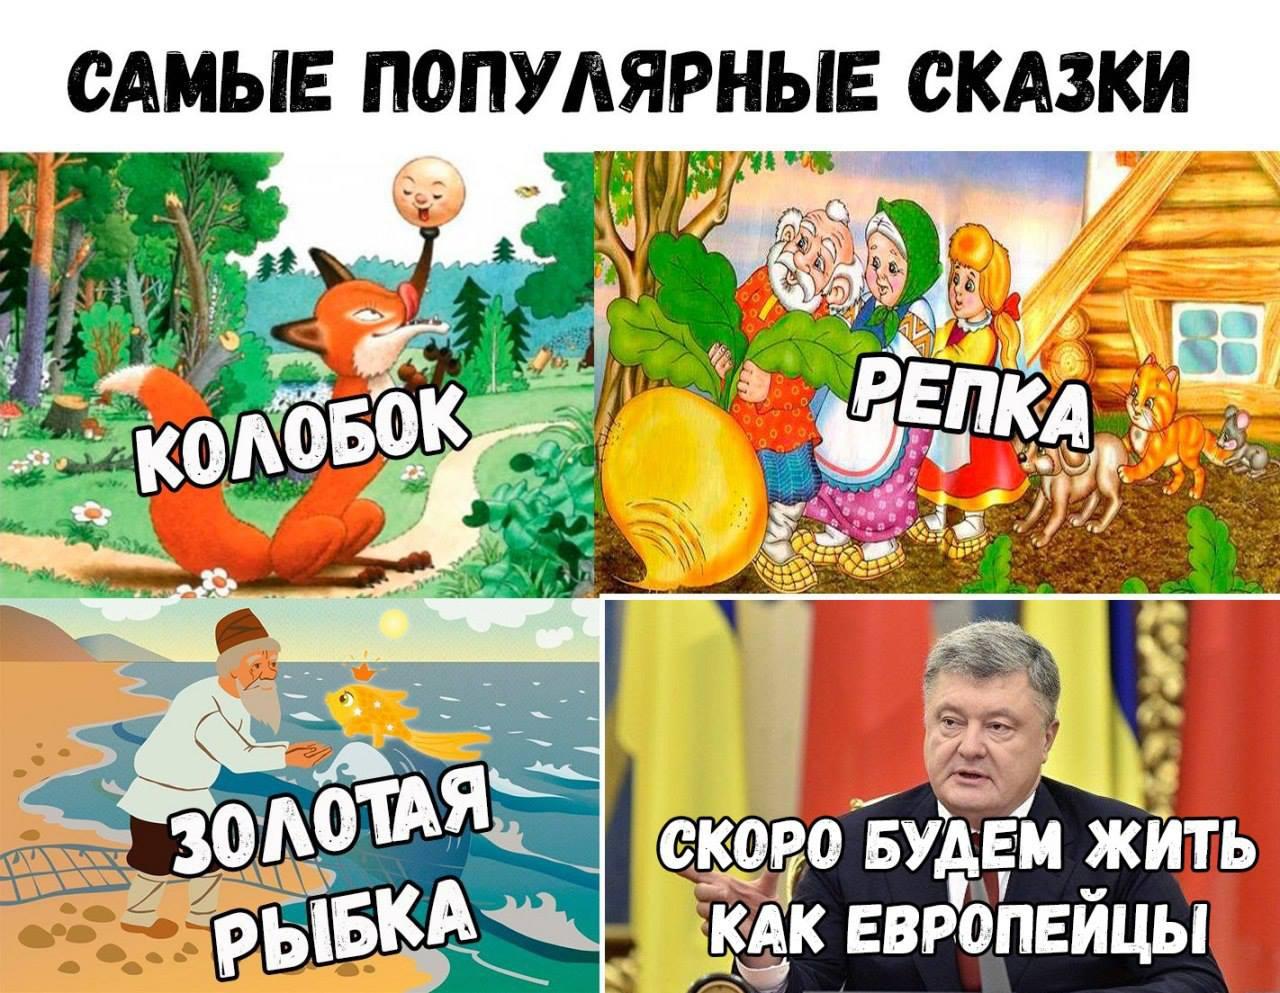 https://pp.userapi.com/c834404/v834404459/2a85/2SiGCd7pxig.jpg